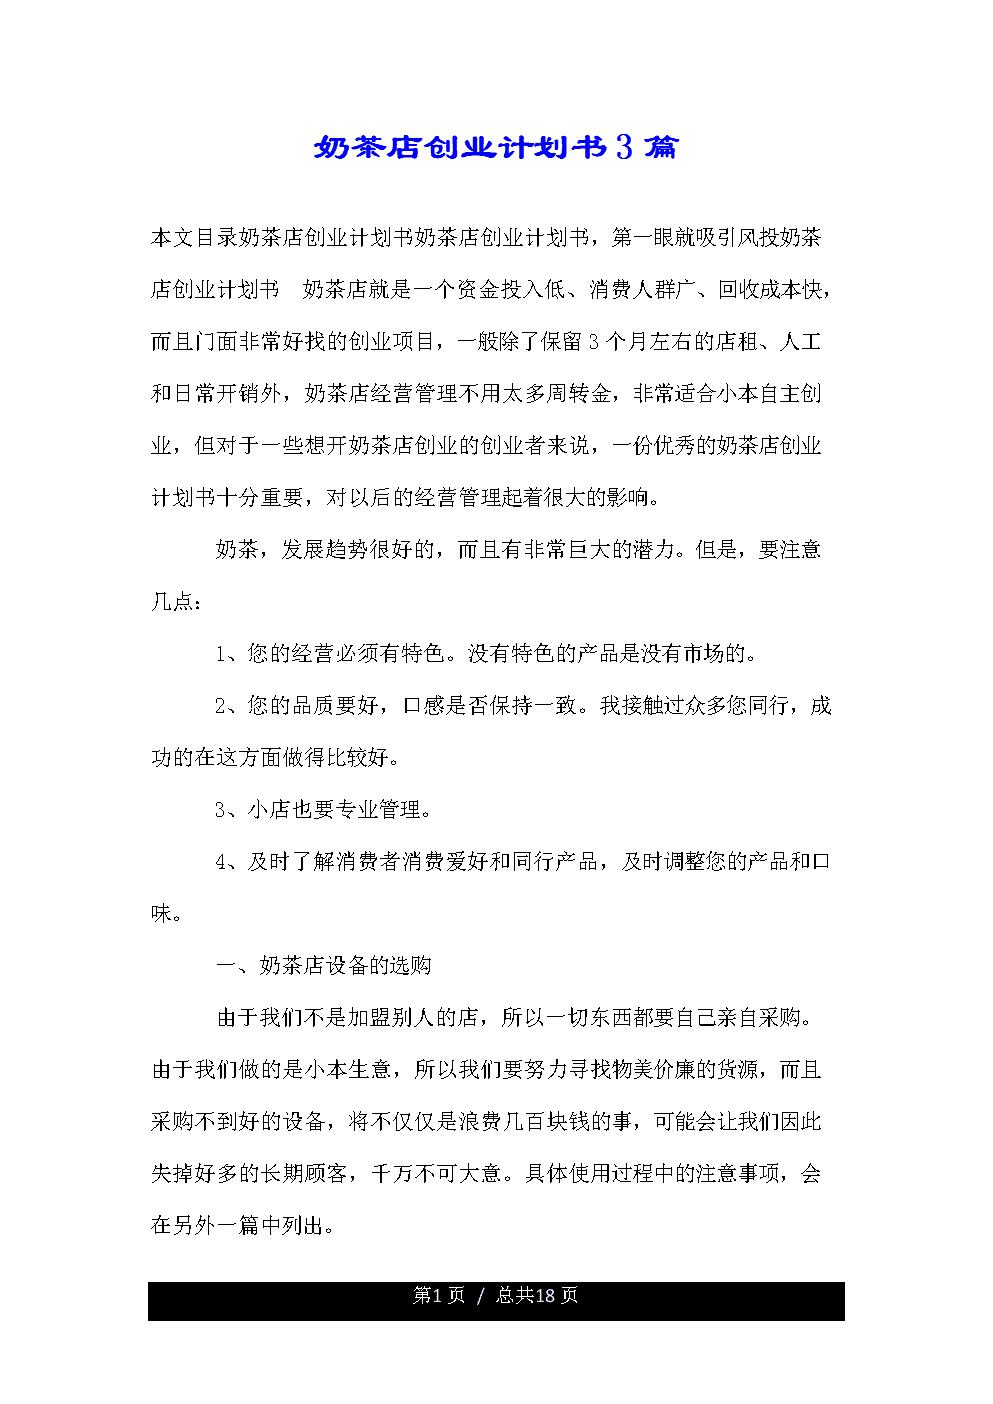 奶茶店创业总结计划计划书3篇精选.doc